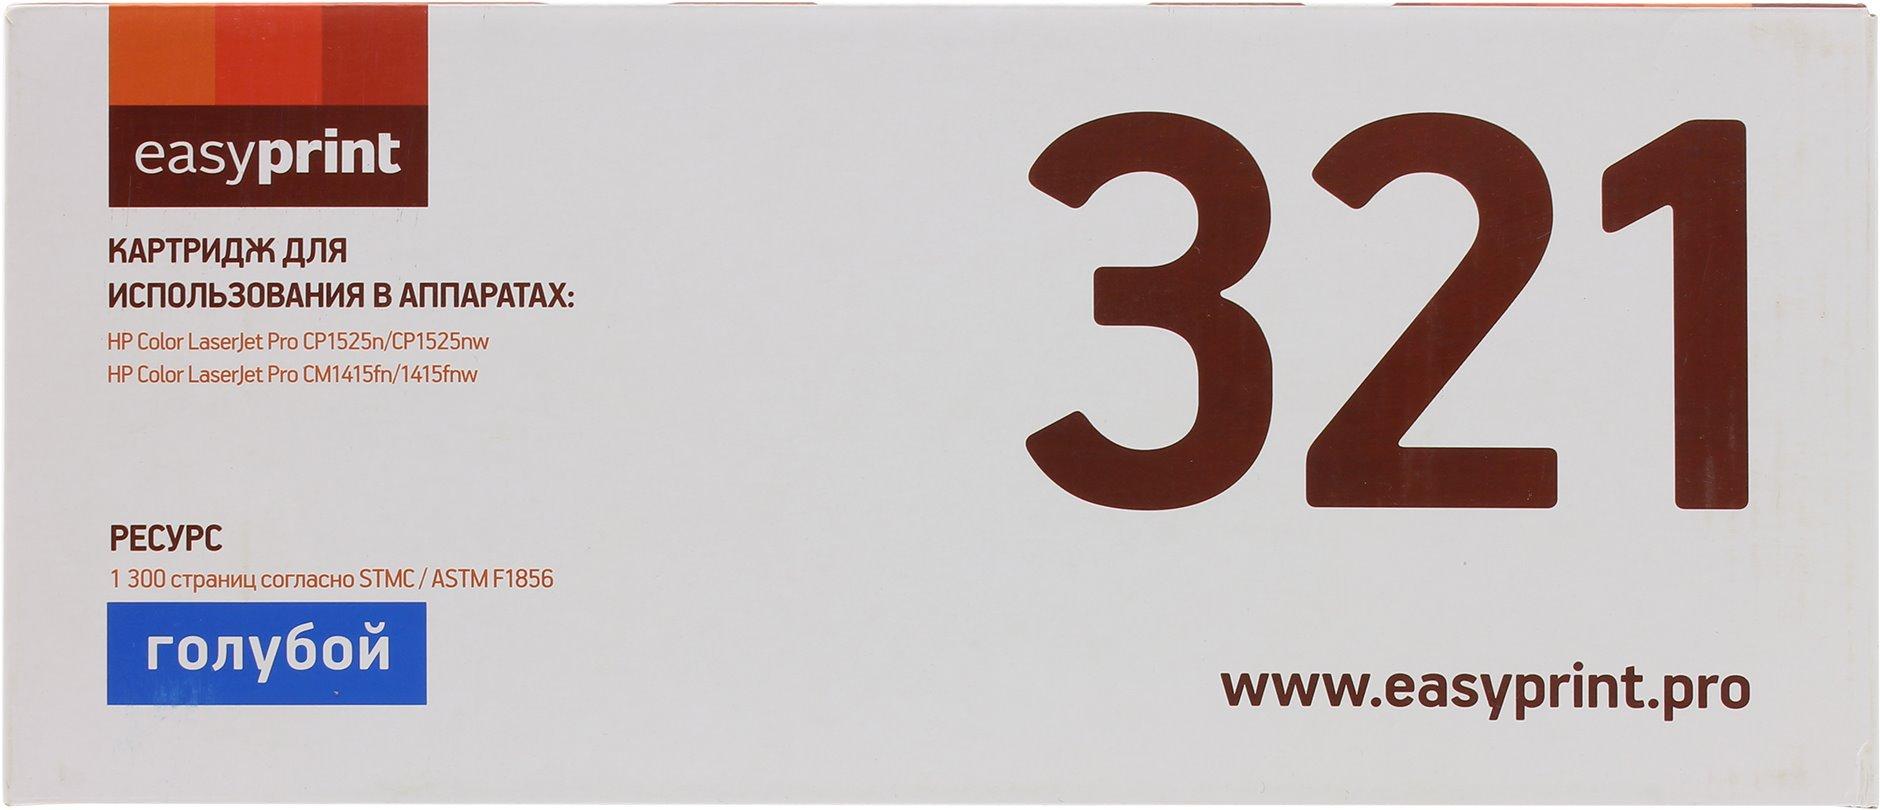 Картридж EasyPrint LH-321 Голубой (Cyan)